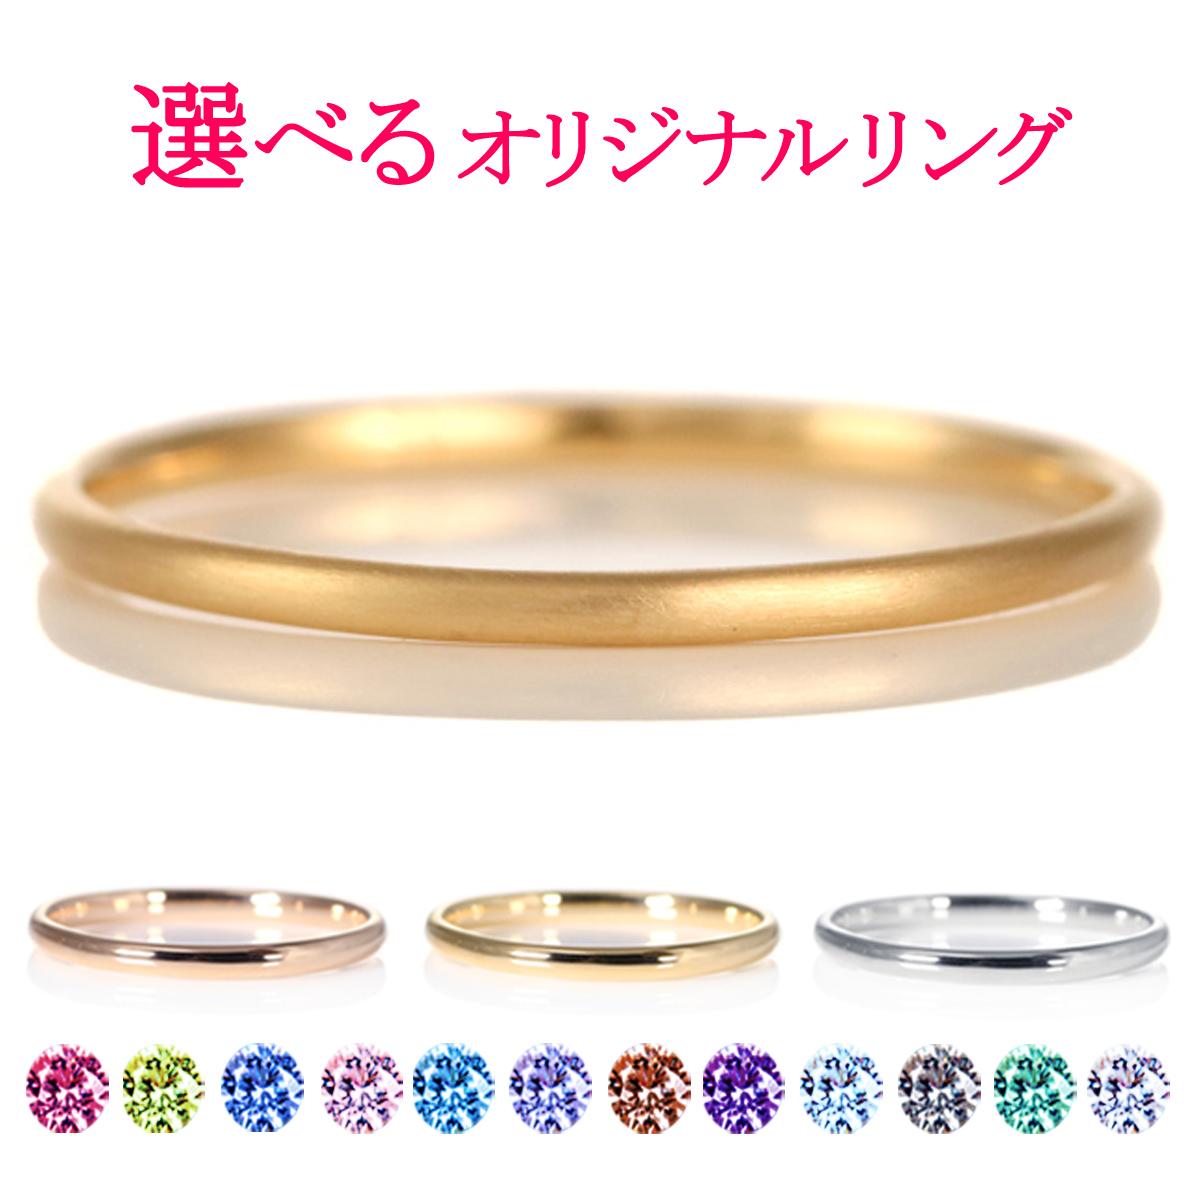 結婚指輪 マリッジリング K18ピンクゴールド 18金 つや消し マット仕上げ 甲丸 レディース